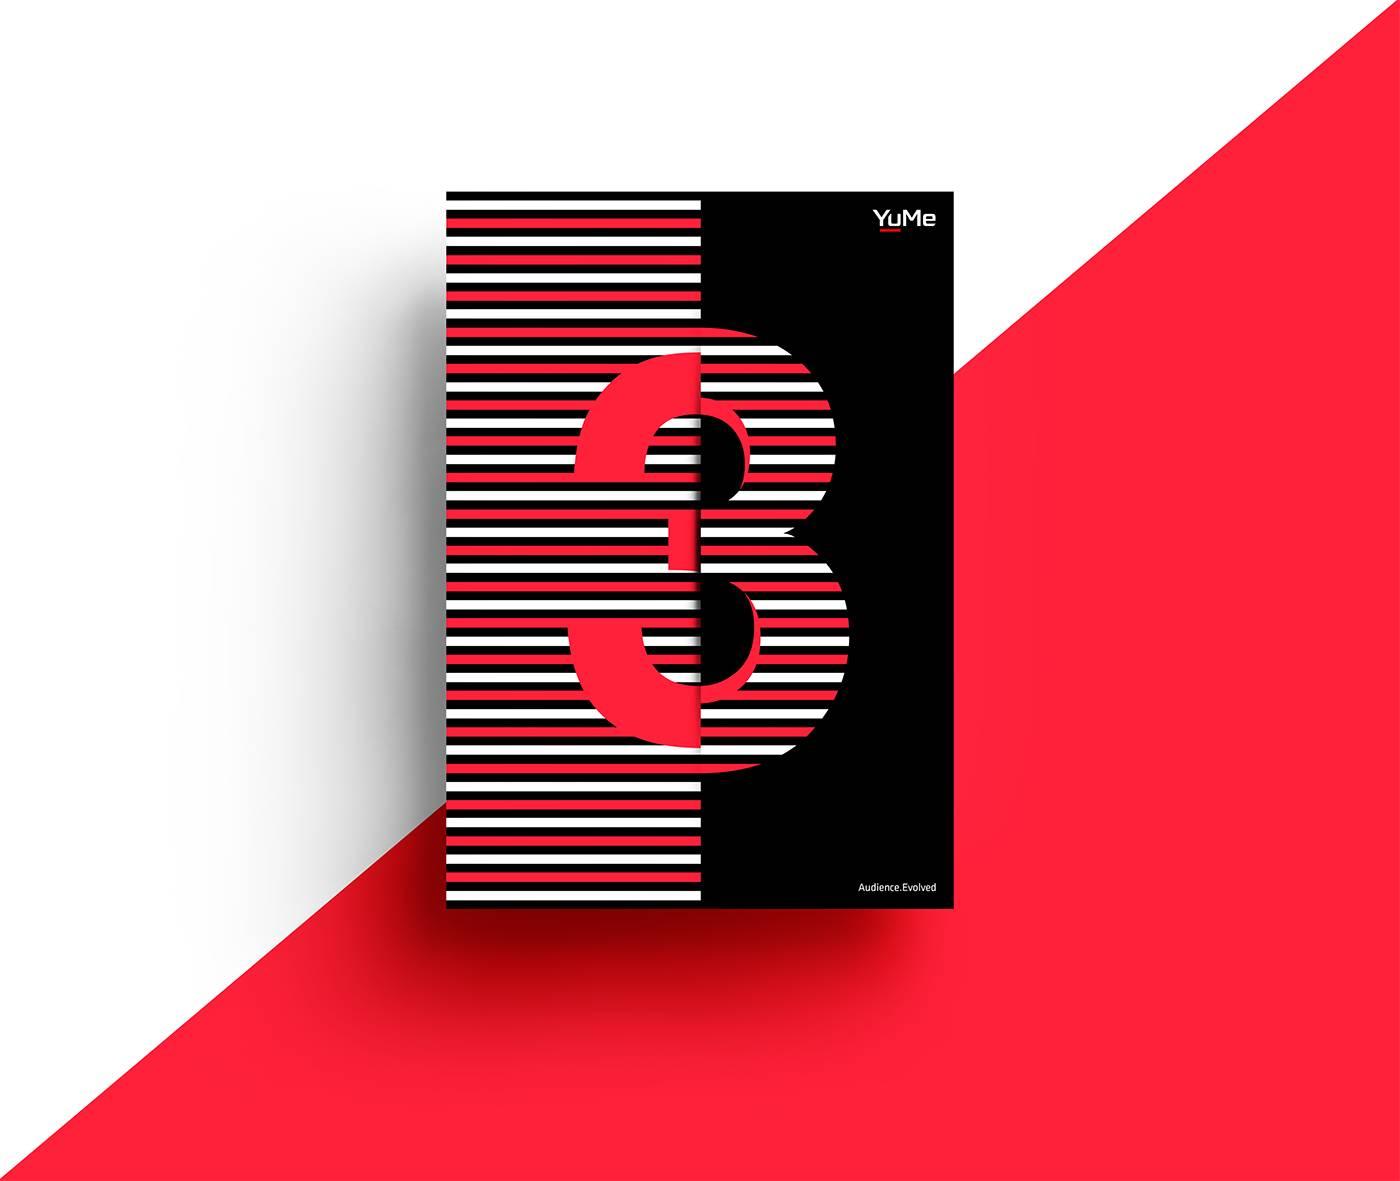 又一位海報設計得很溜的設計師 Xavier Esclusa